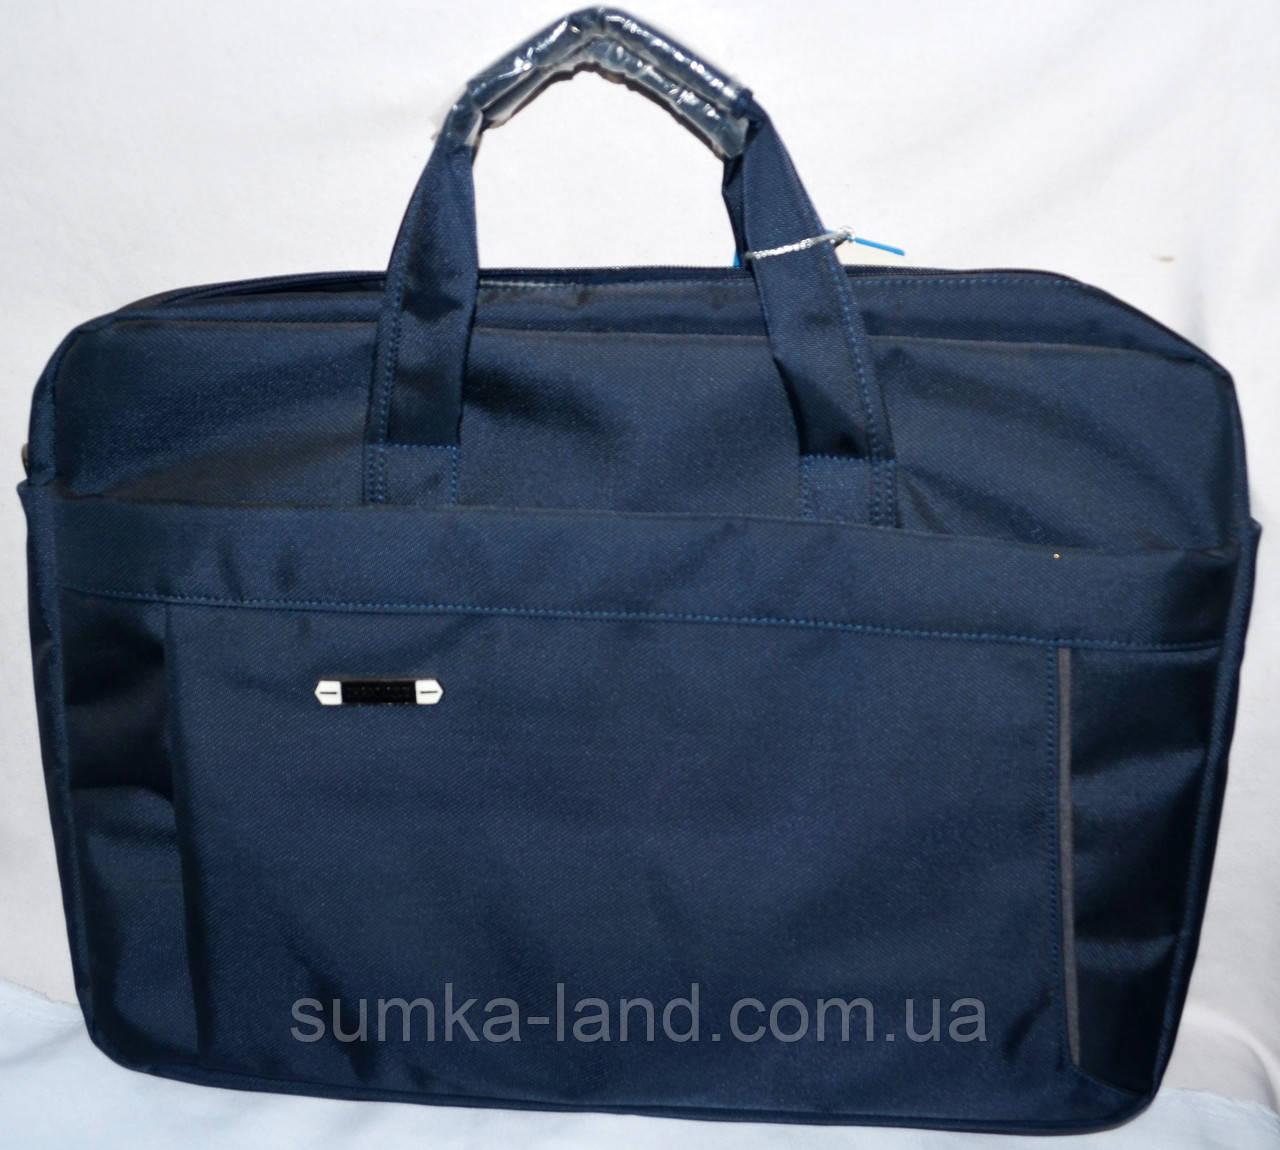 Текстильная синяя сумка для ноутбука на змейке 43*32 см